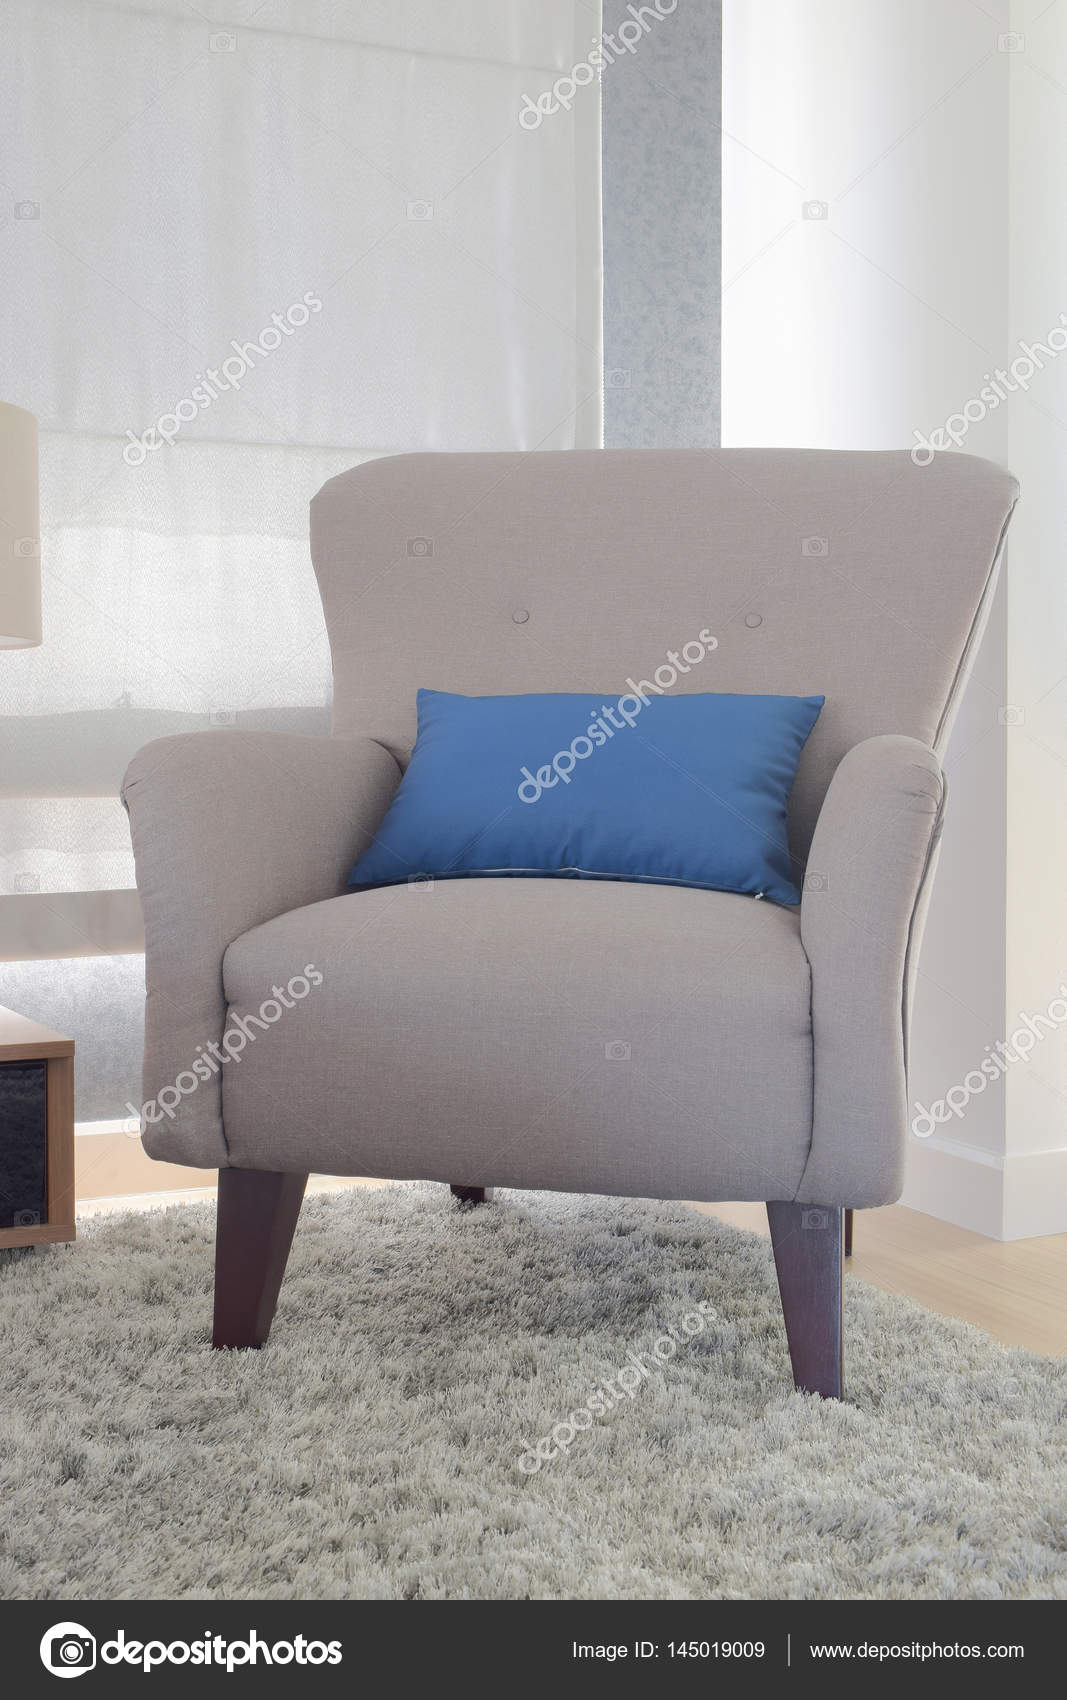 Graue Farbe Retro-Stil Sessel mit blauen Kissen im Wohnzimmer ...